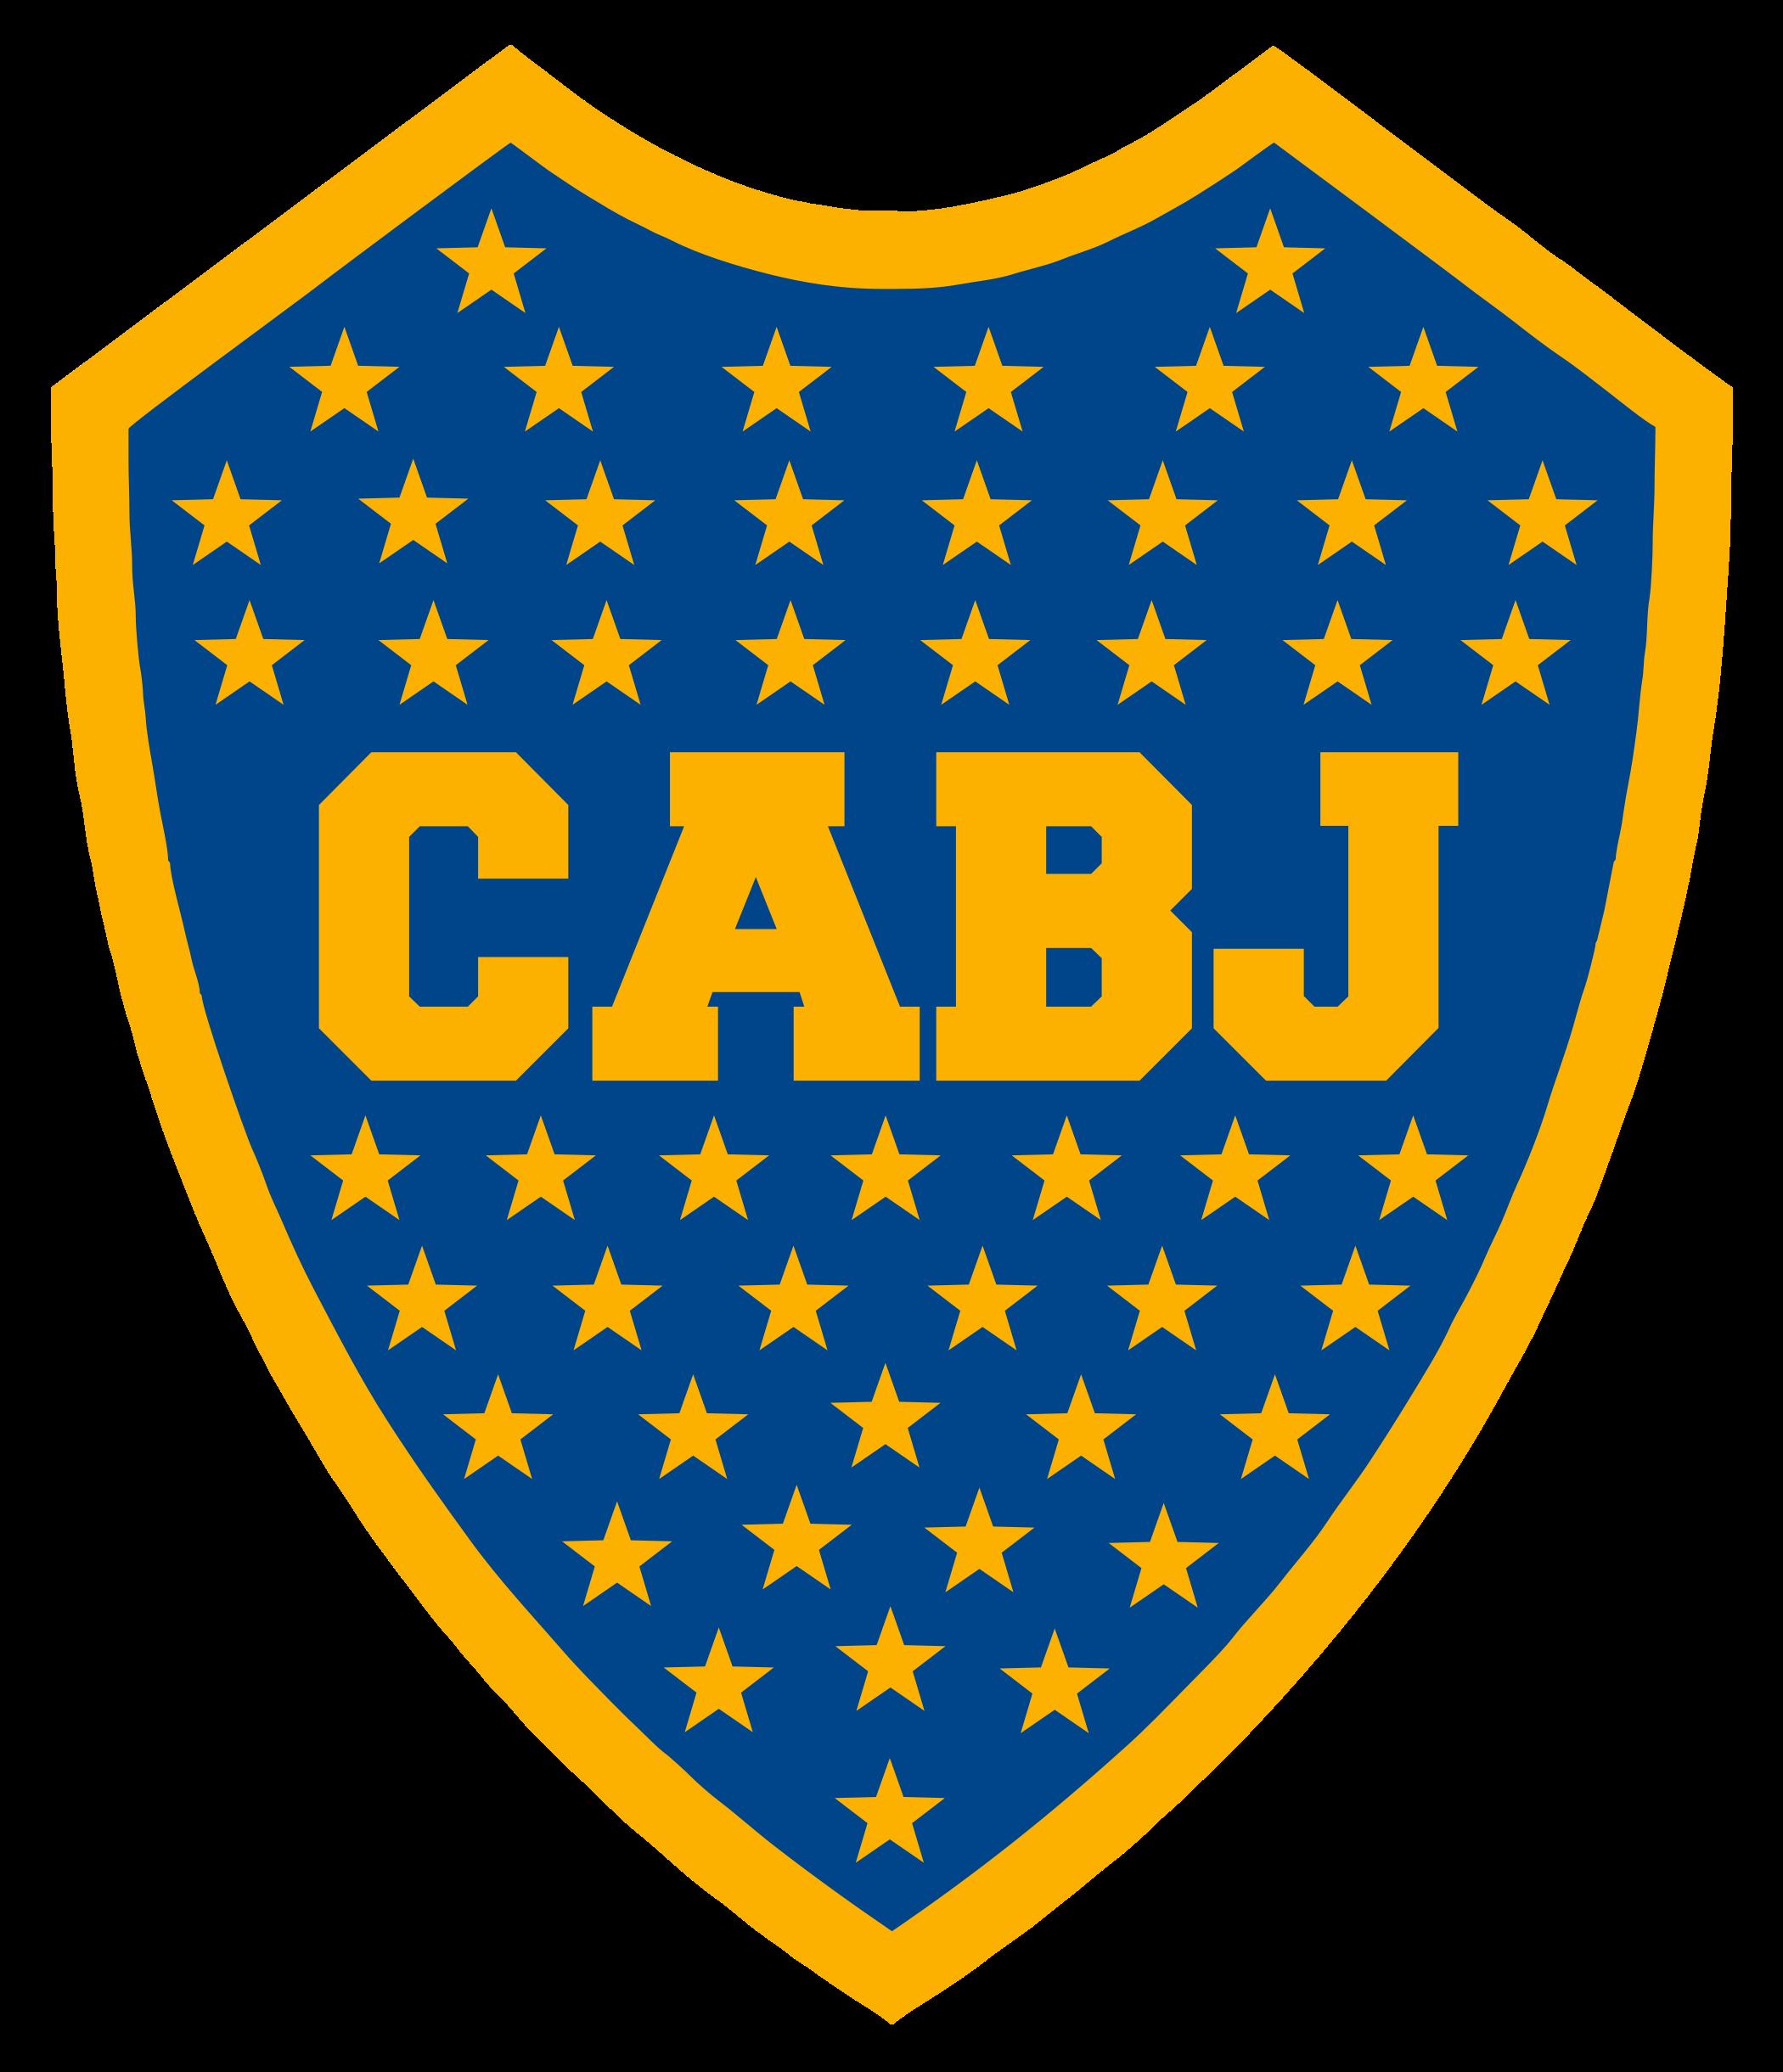 boca-juniors-logo-escudo-2